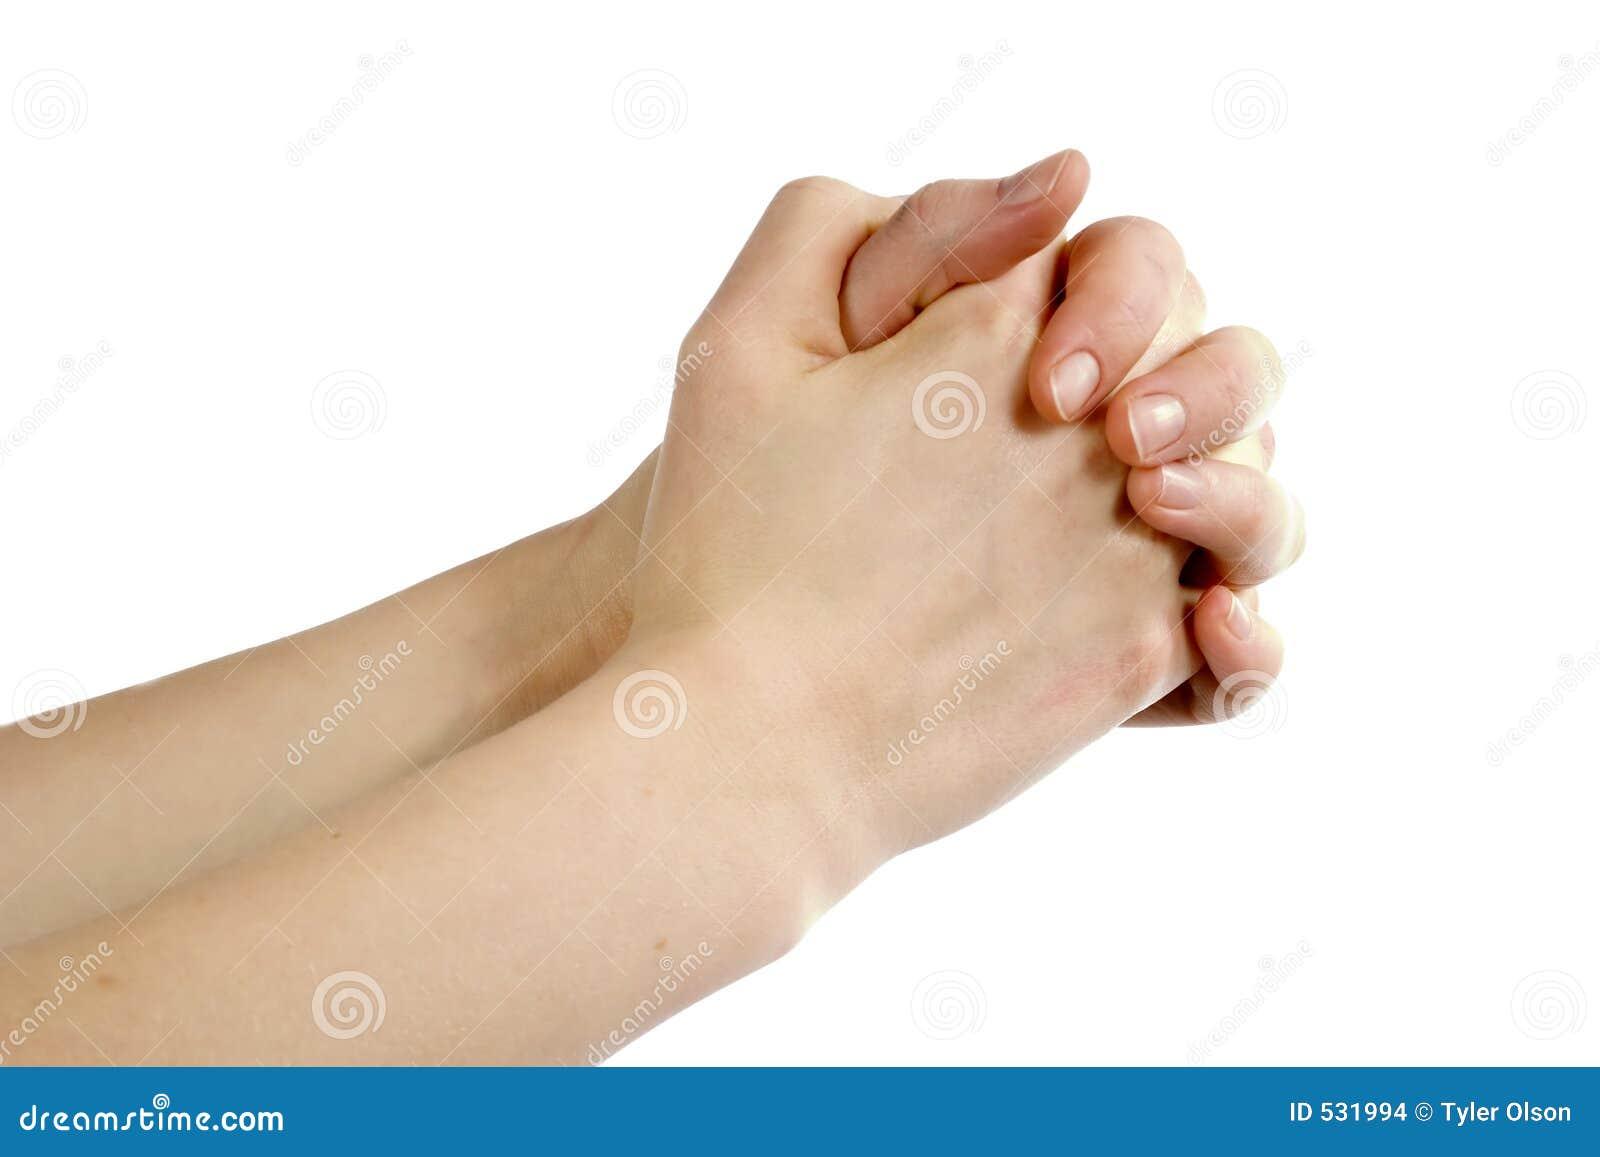 Download 现有量祈祷 库存照片. 图片 包括有 部分, 显示, 手指, 人力, 相当, 人员, 请求, 女孩, 恳求, 非语言 - 531994